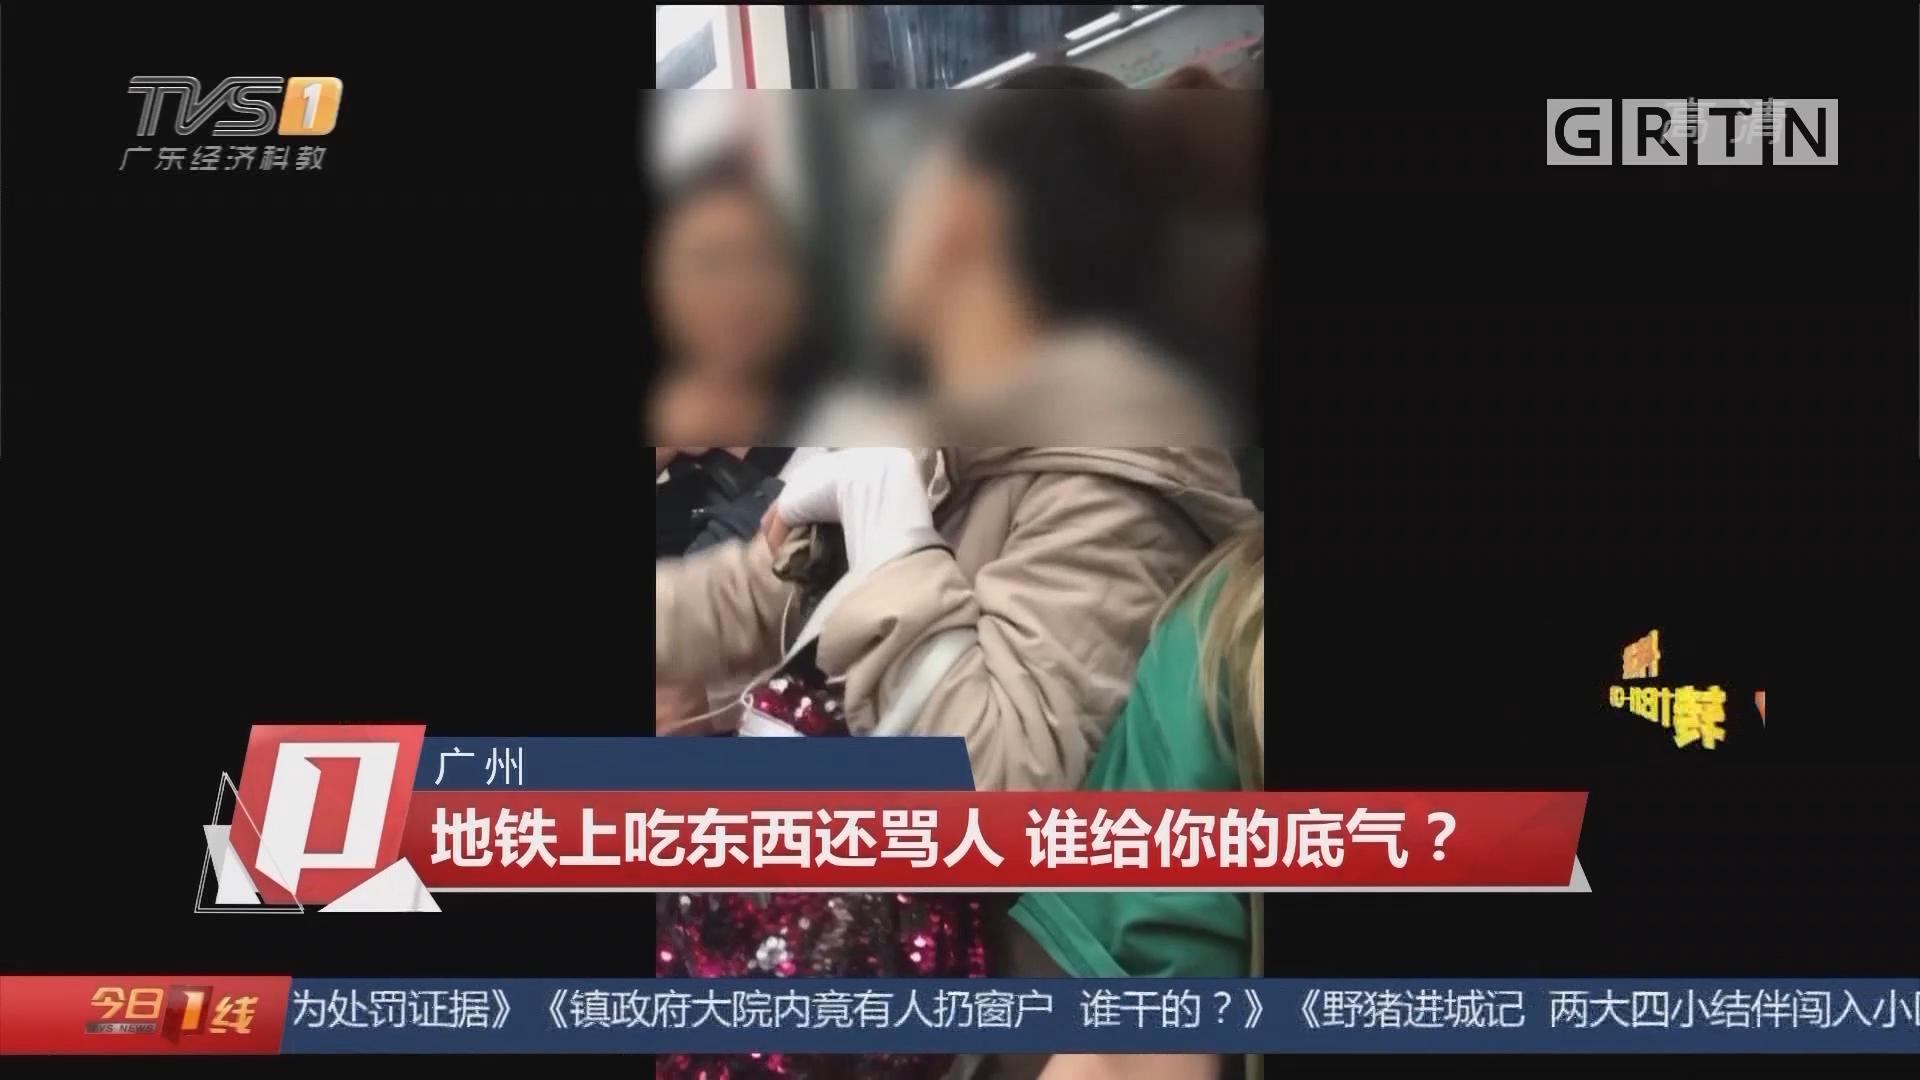 广州:地铁上吃东西还骂人 谁给你的底气?